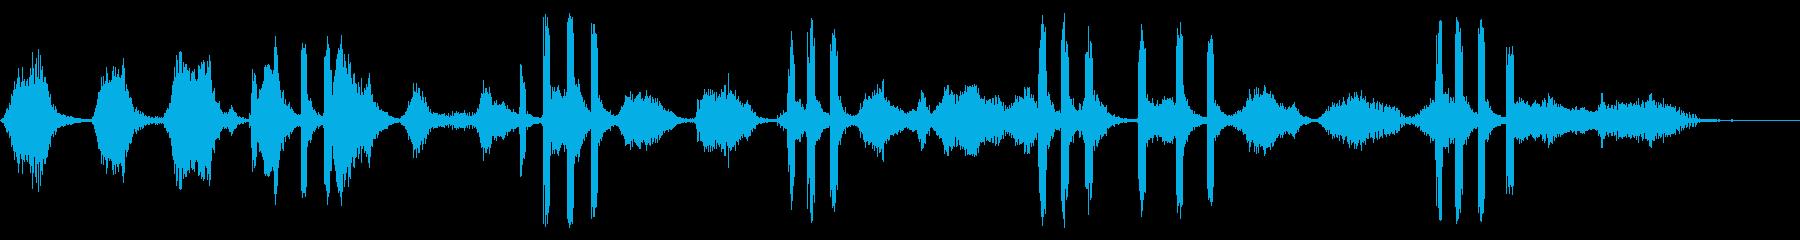 2つのベルーガクジラ:声を出す、動...の再生済みの波形